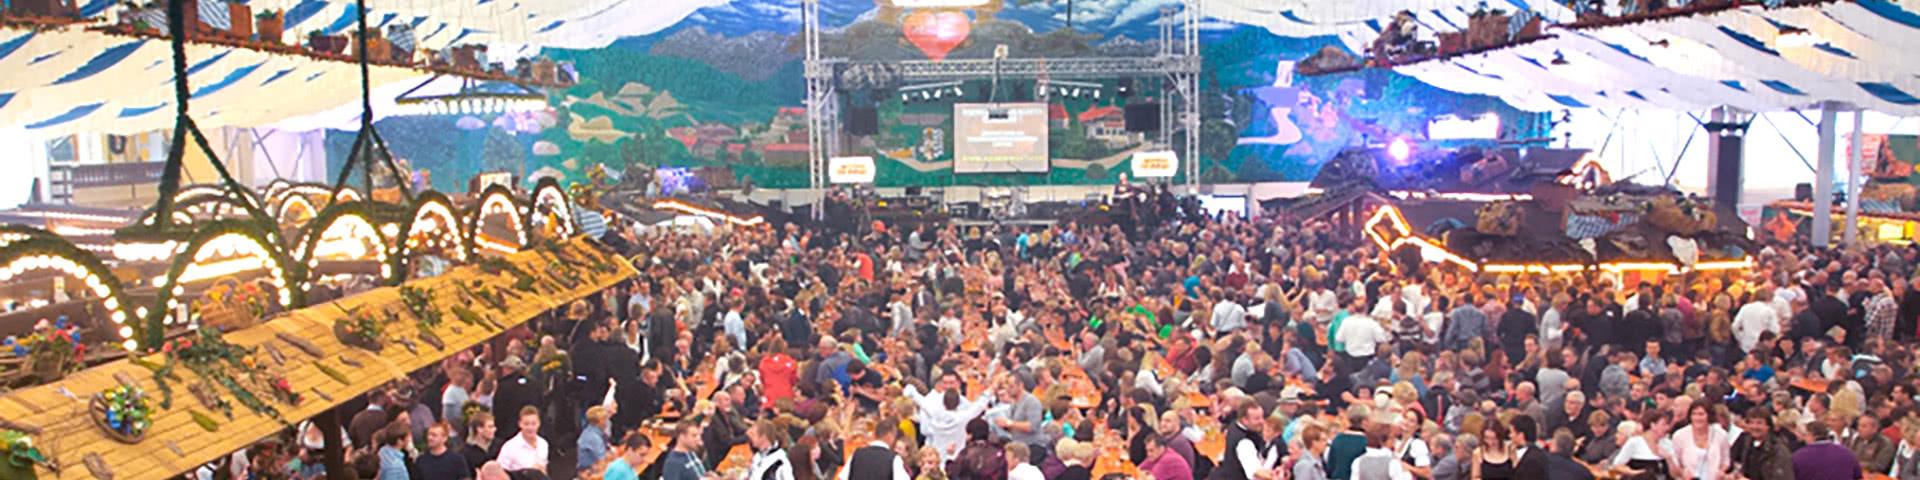 Volles Partyzelt mit feiernden Menschen auf dem Freimarkt in Bremen